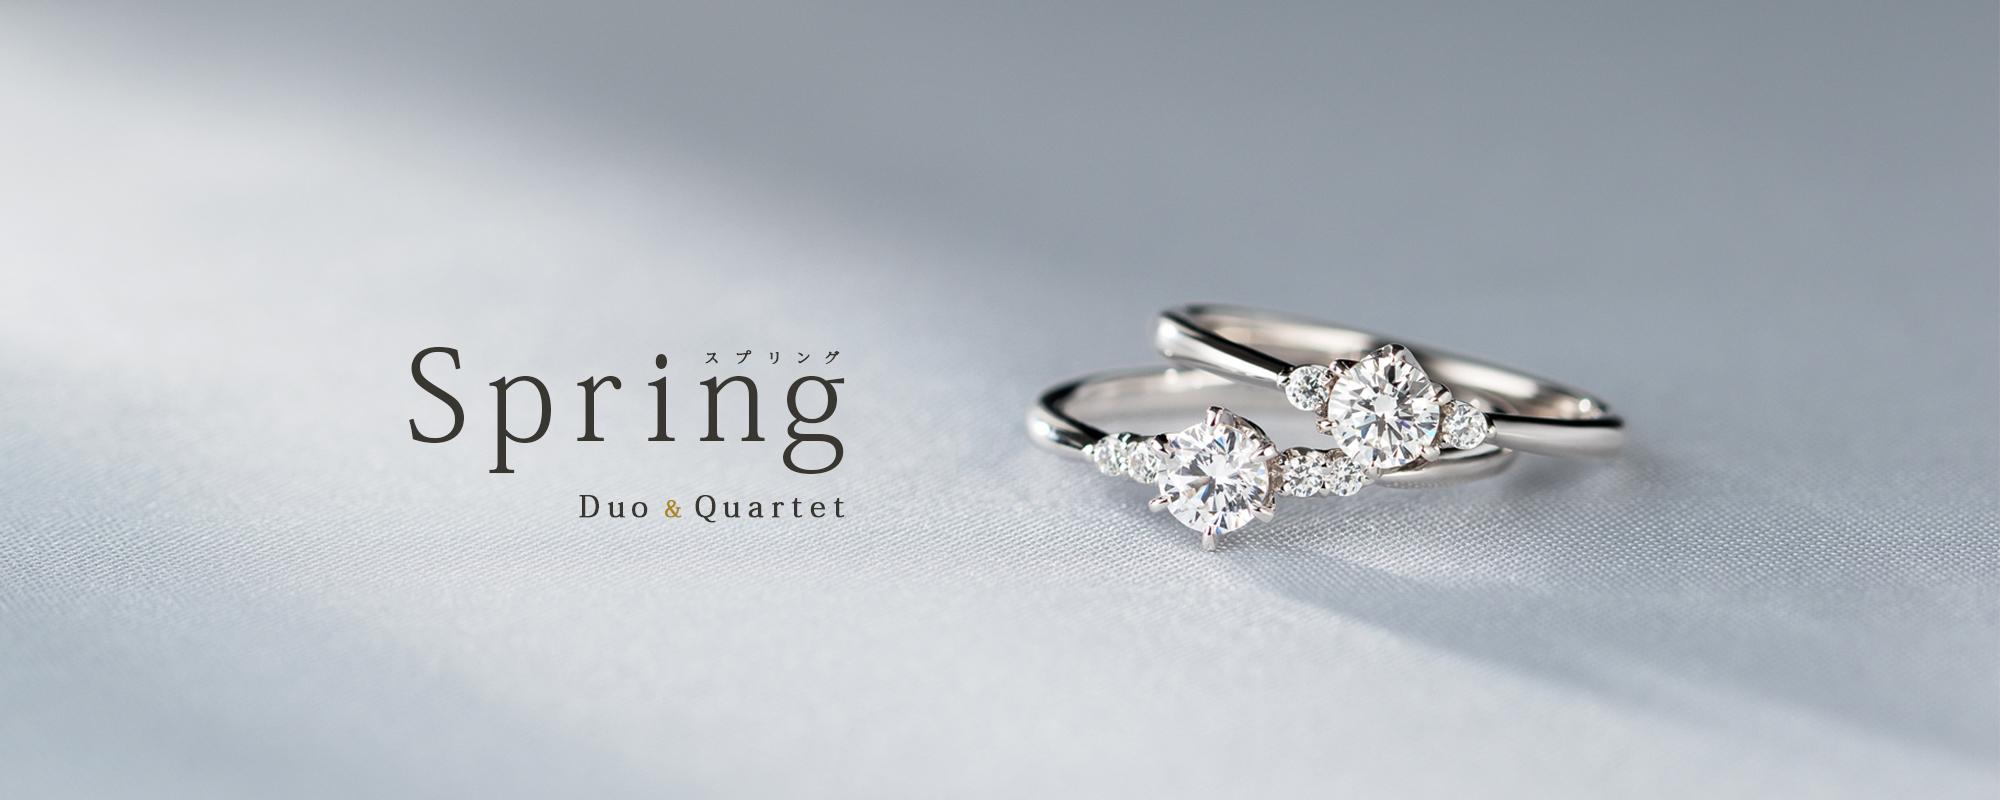 婚約指輪 スプリング デュオ カルテット